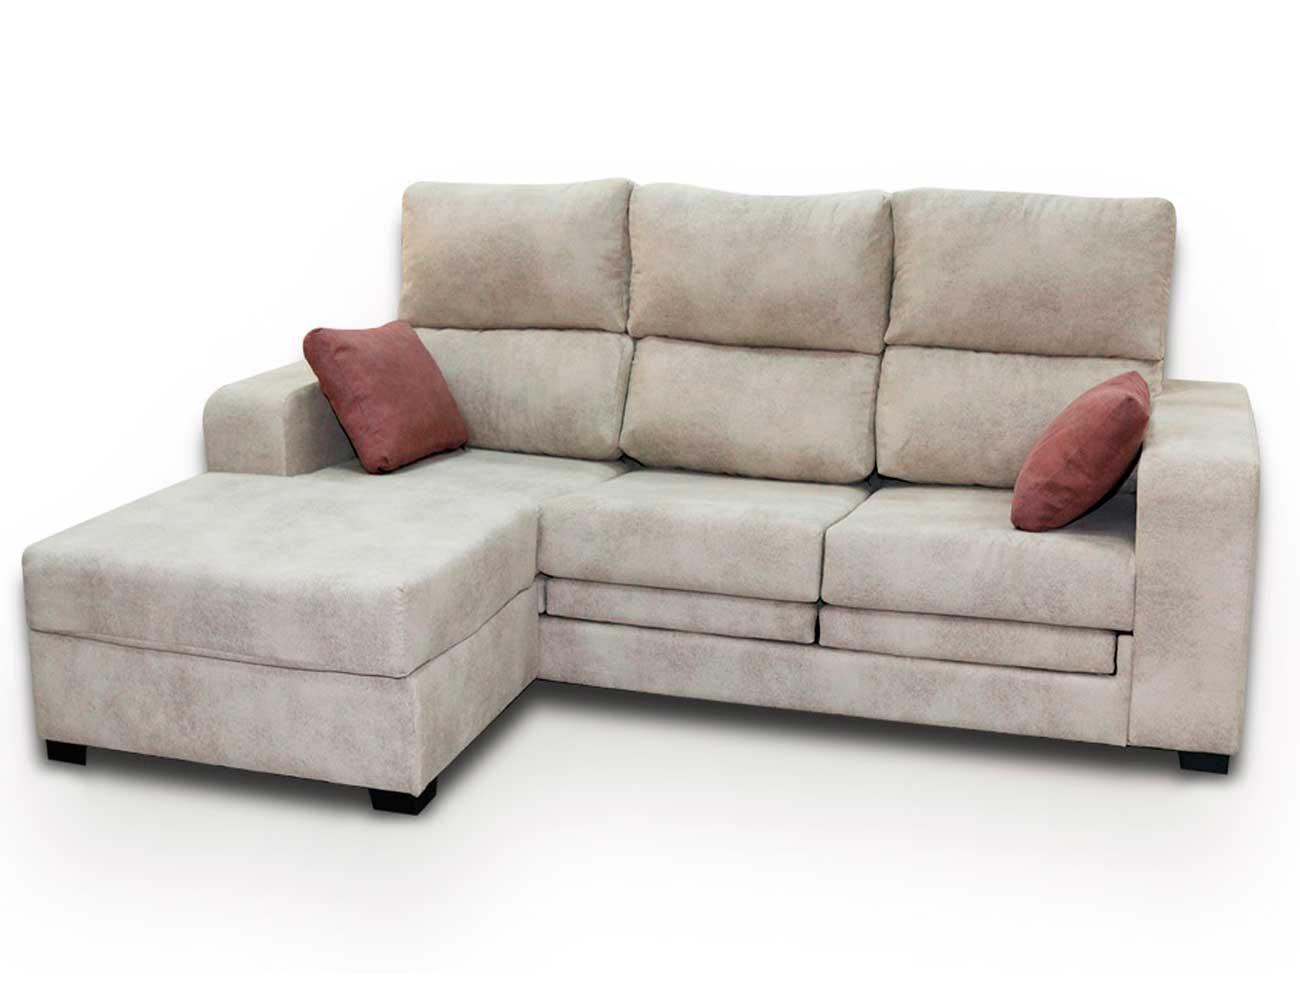 Sofa 3p puff reversible1